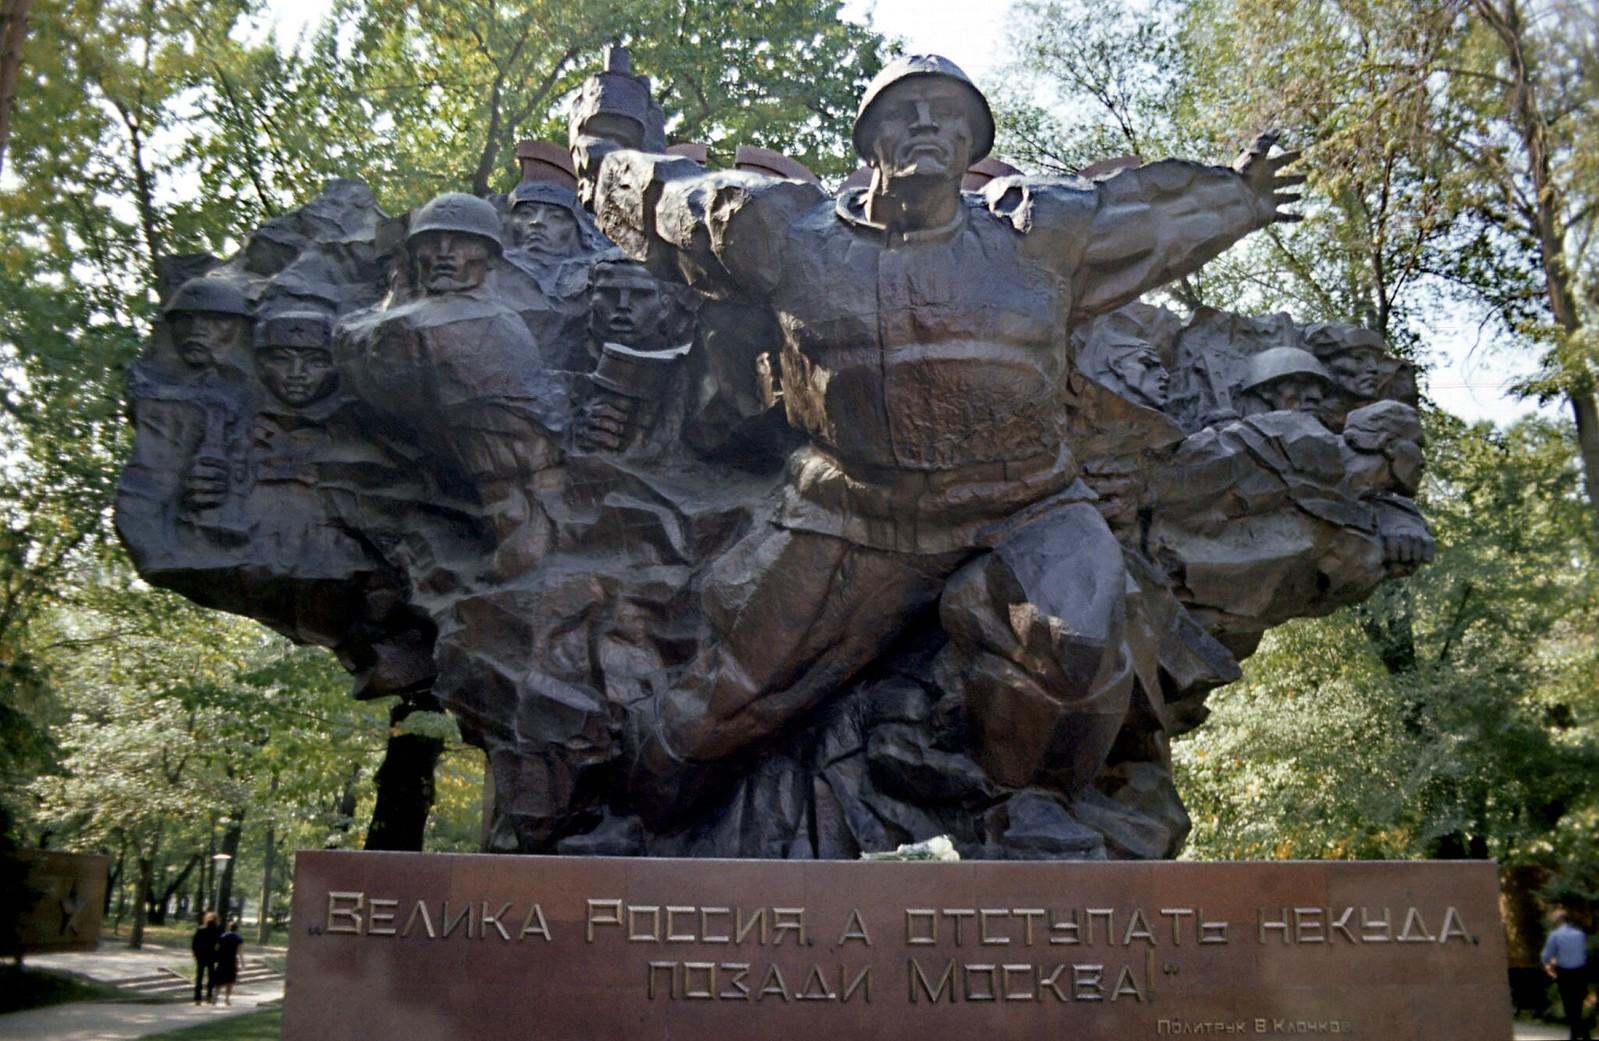 03. 1982. Мемориал павшим героям «Великой Отечественной войны» в Алма-Ате